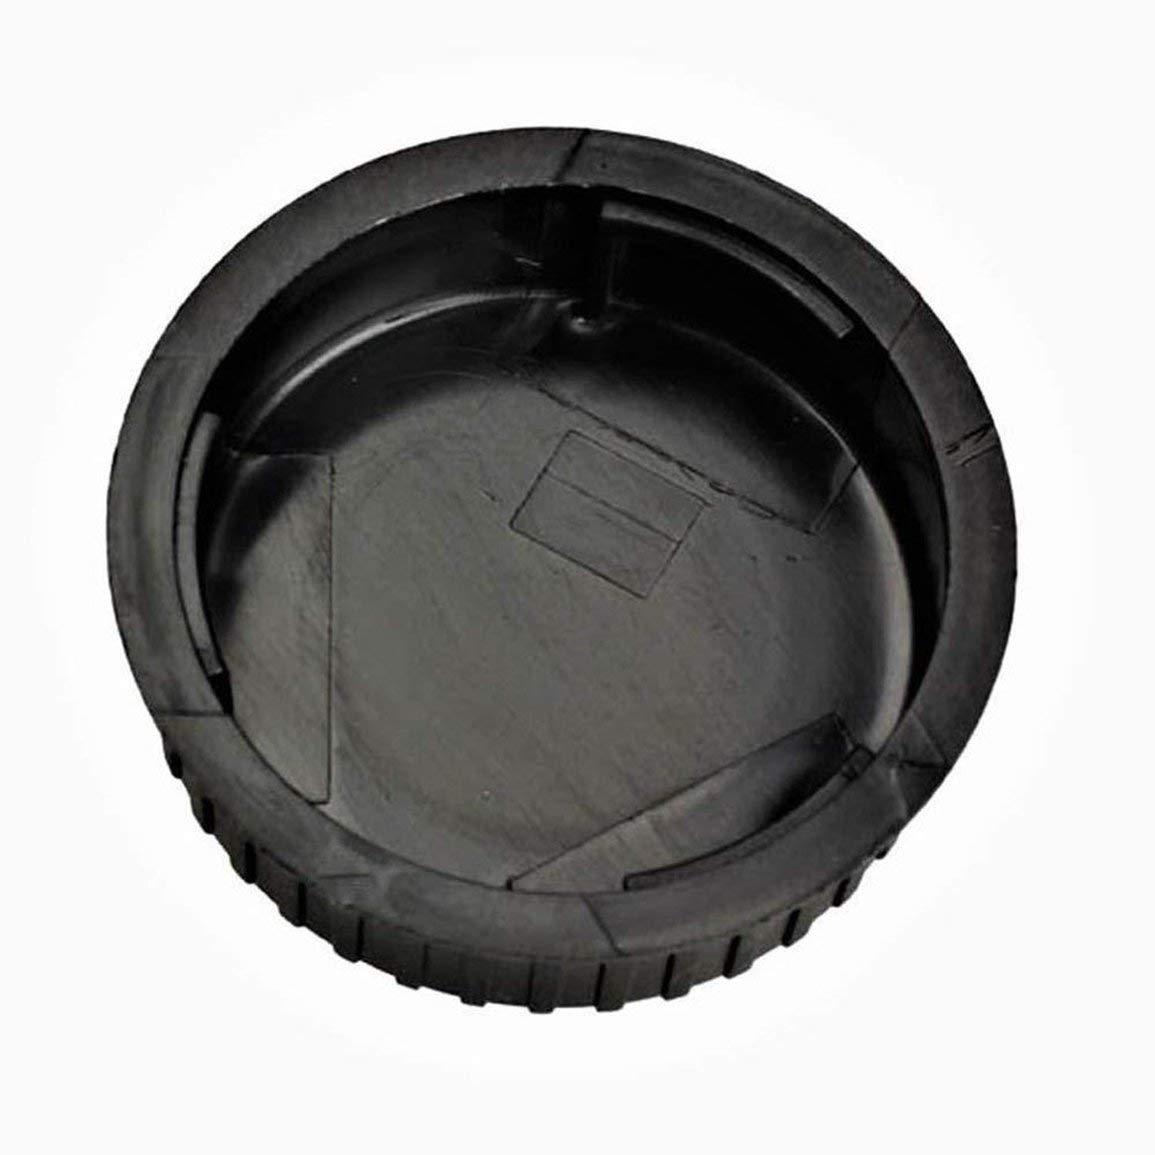 para Nikon Frontal y Cubierta Posterior para la Cubierta del Cuerpo Nikon para Nikon Lente Volver Cubierta Frontal y la Cubierta del Cuerpo Cubierta de la Lente Trasera Trasera